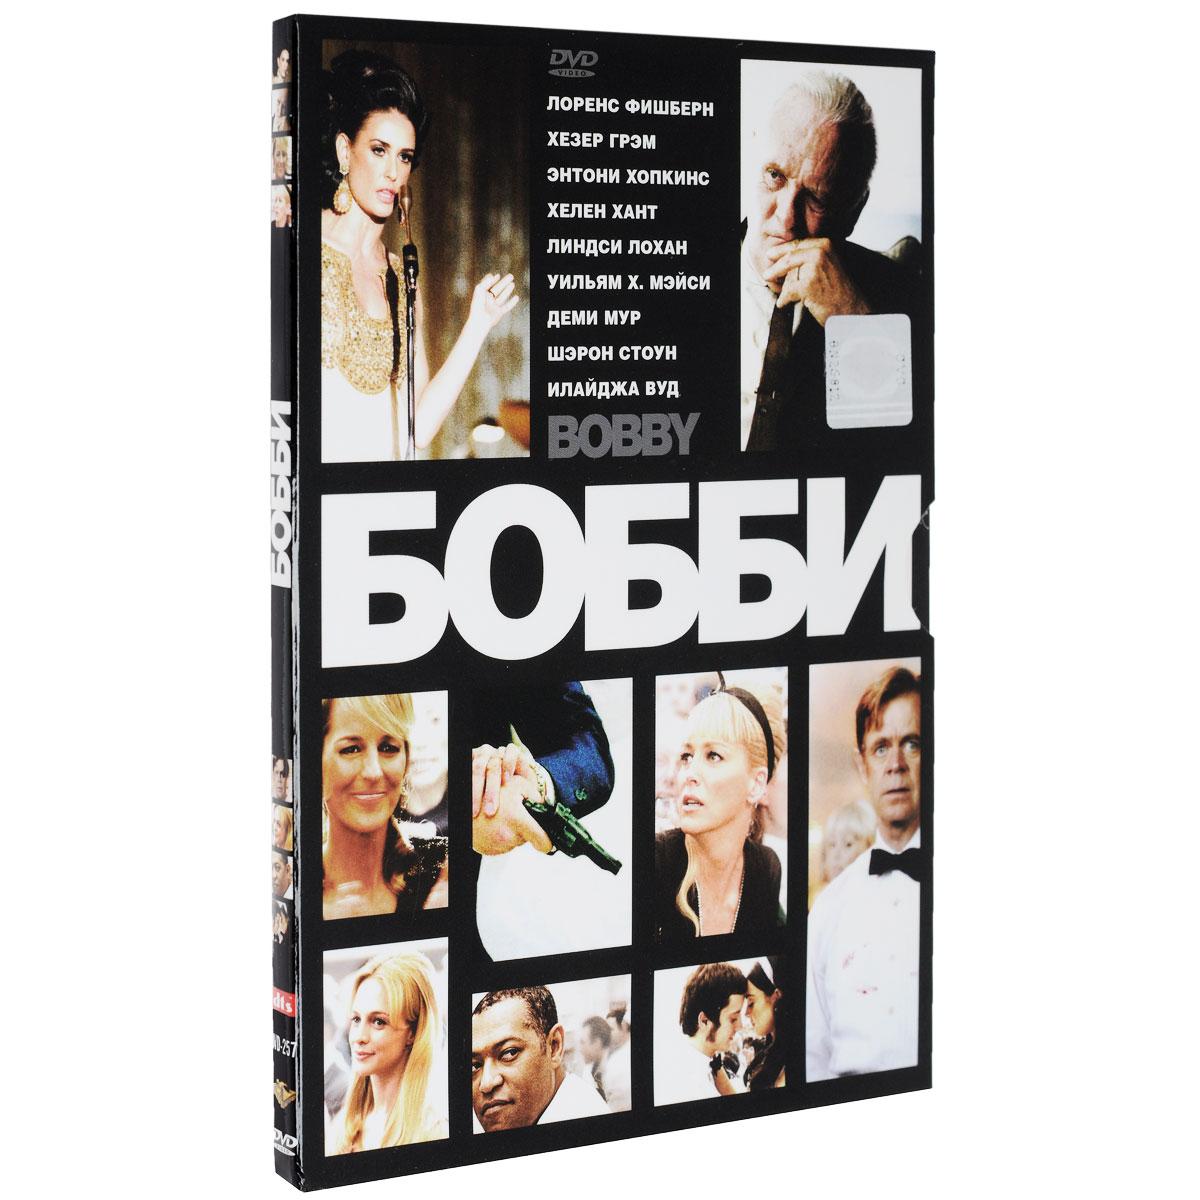 Бобби 2007 DVD